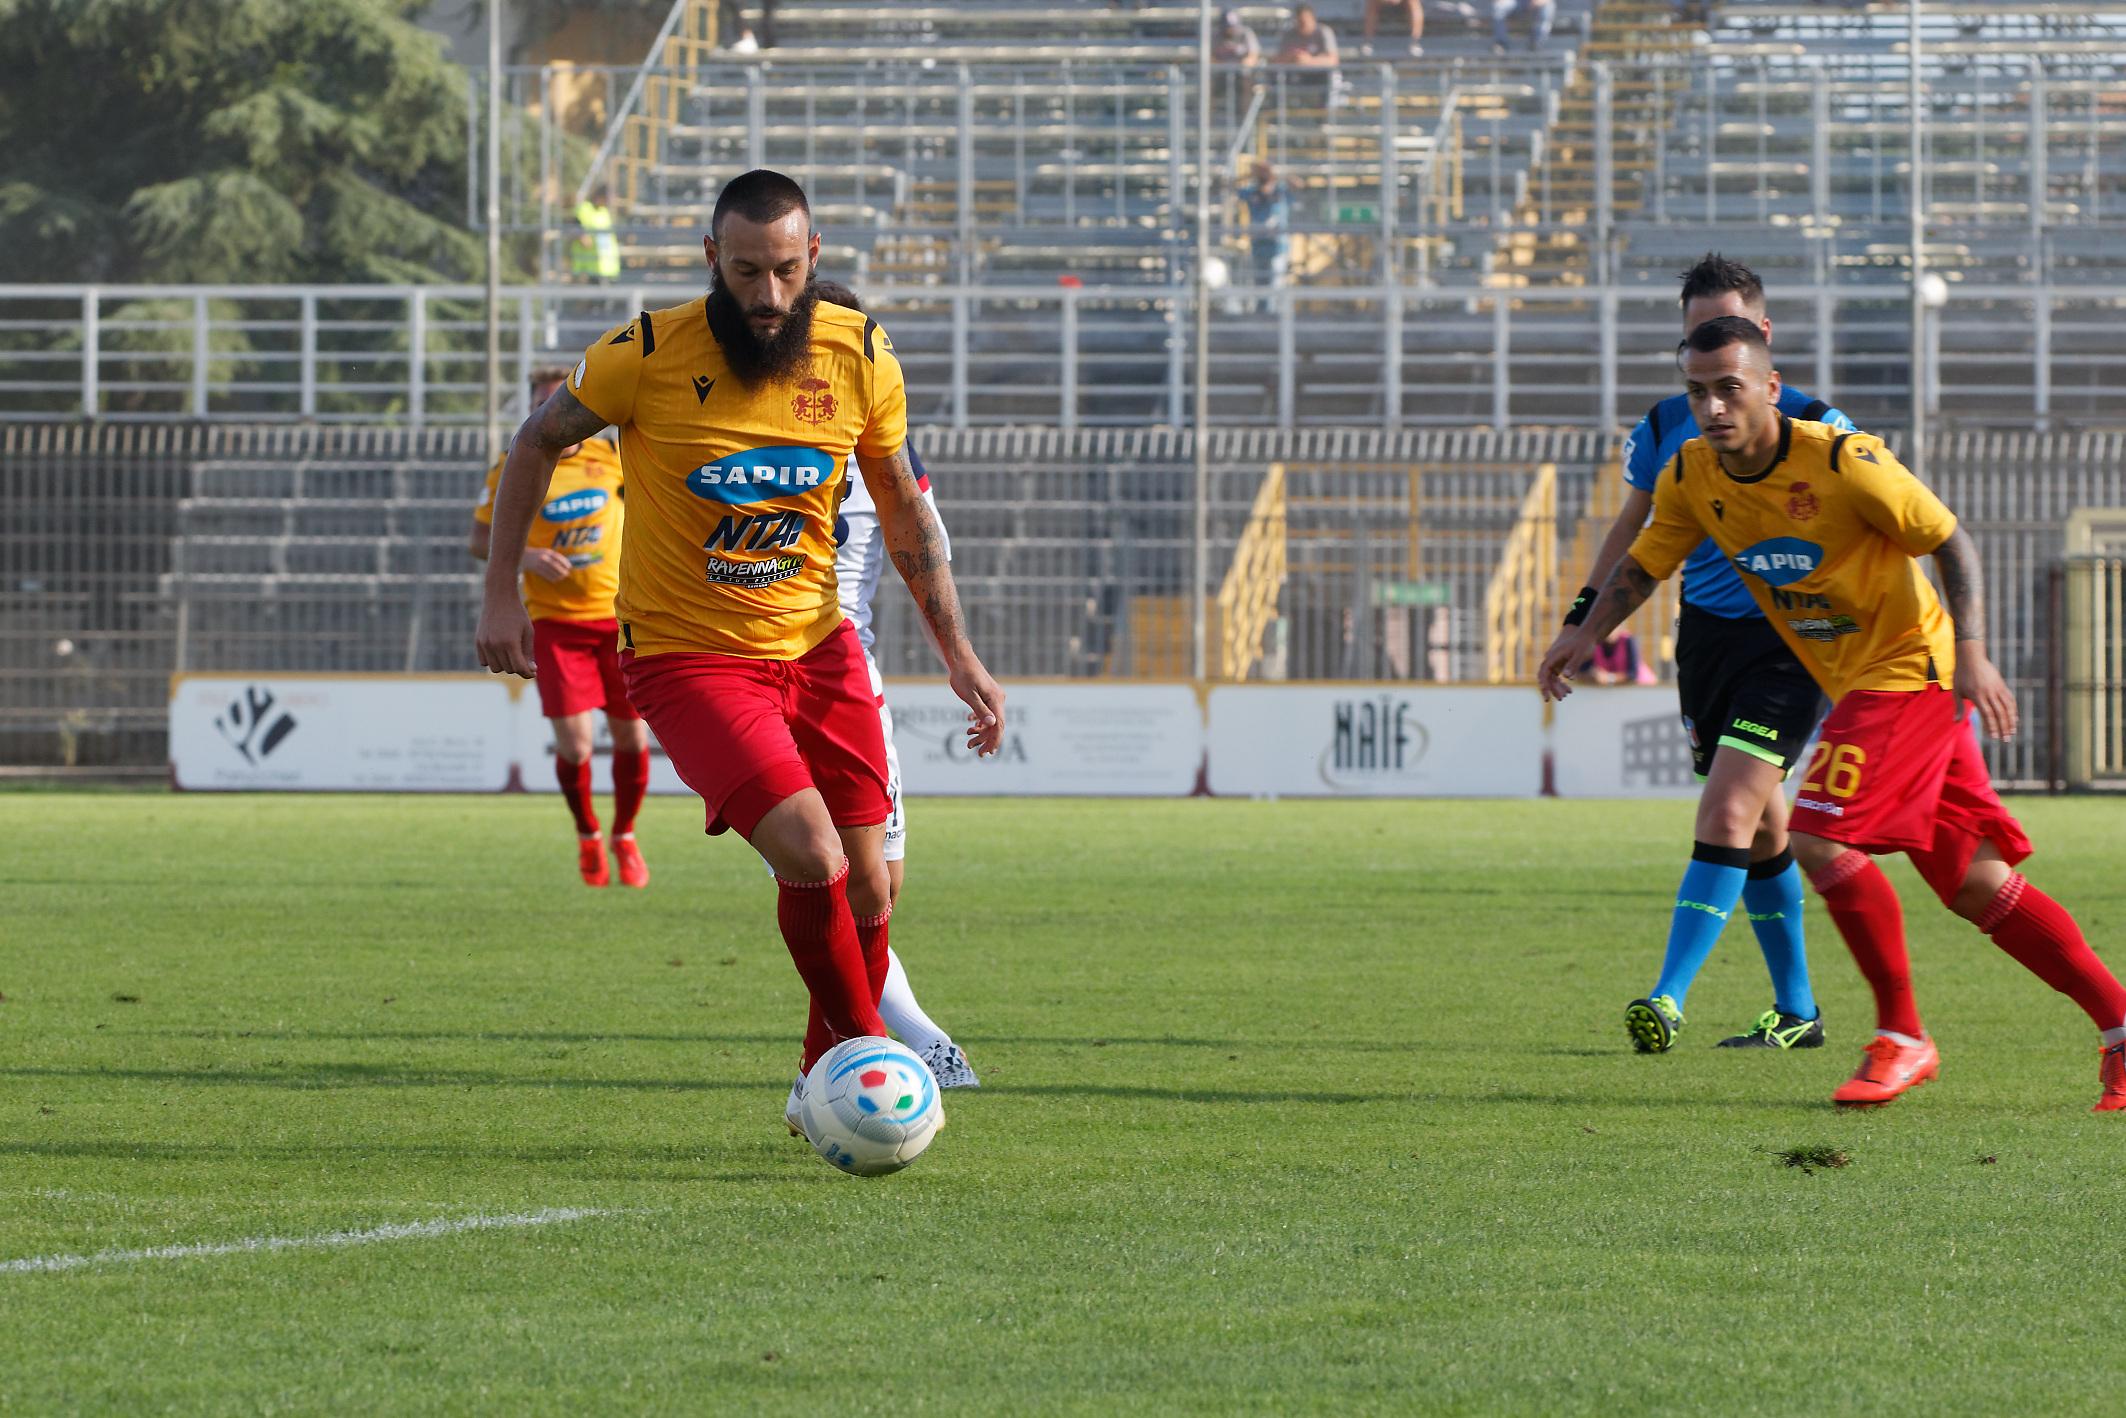 Calcio Serie C, Nocciolini gol al 93': il Ravenna vince a Trieste